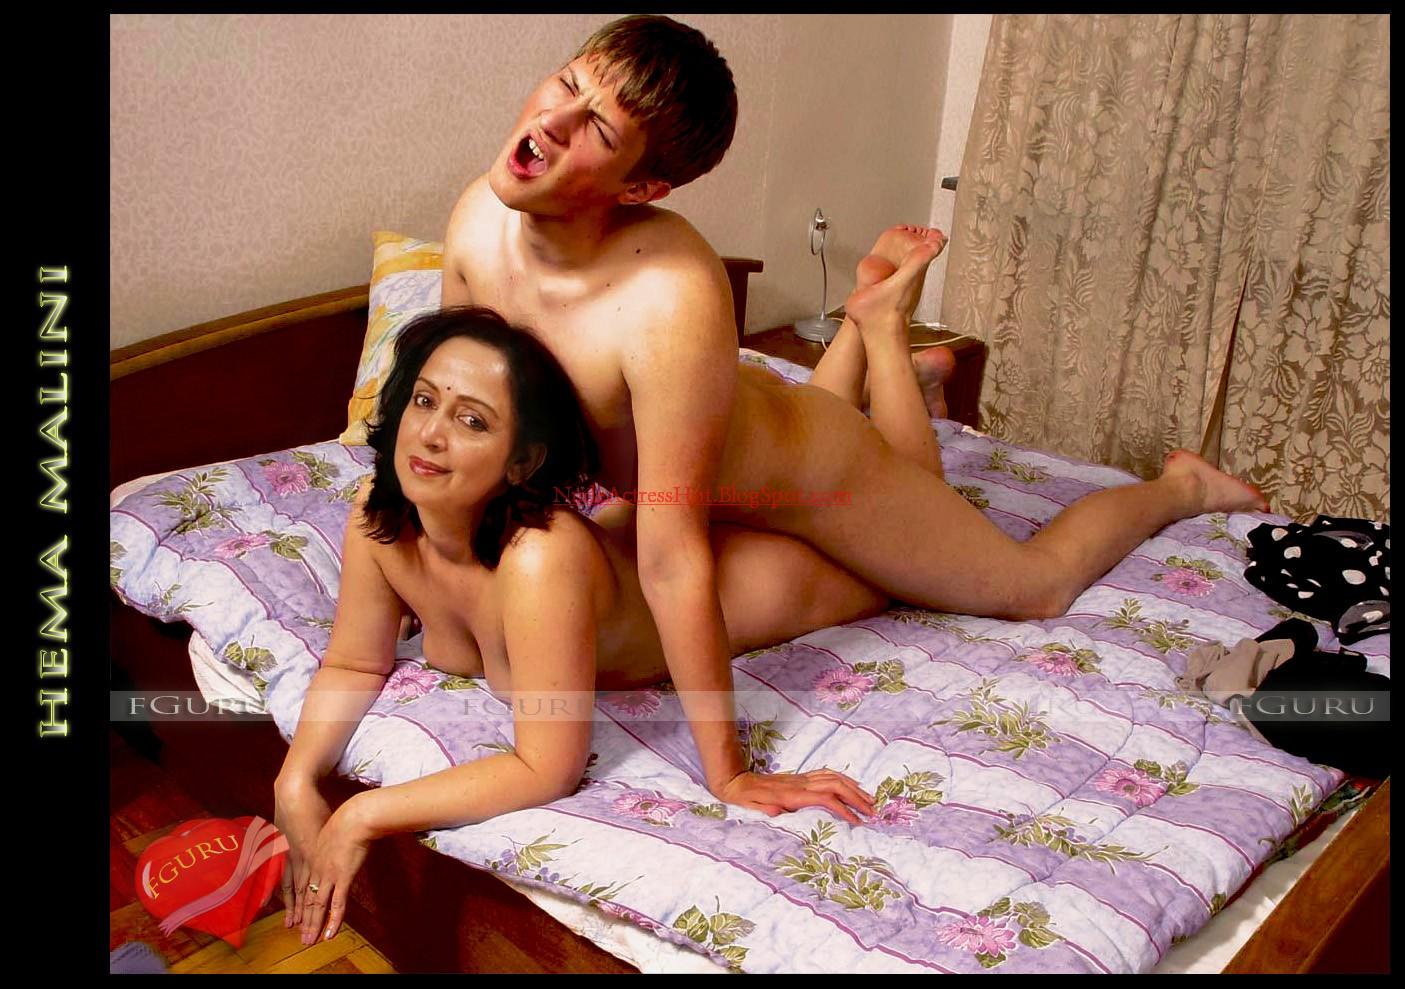 Hema Malini Fake S Naked Images